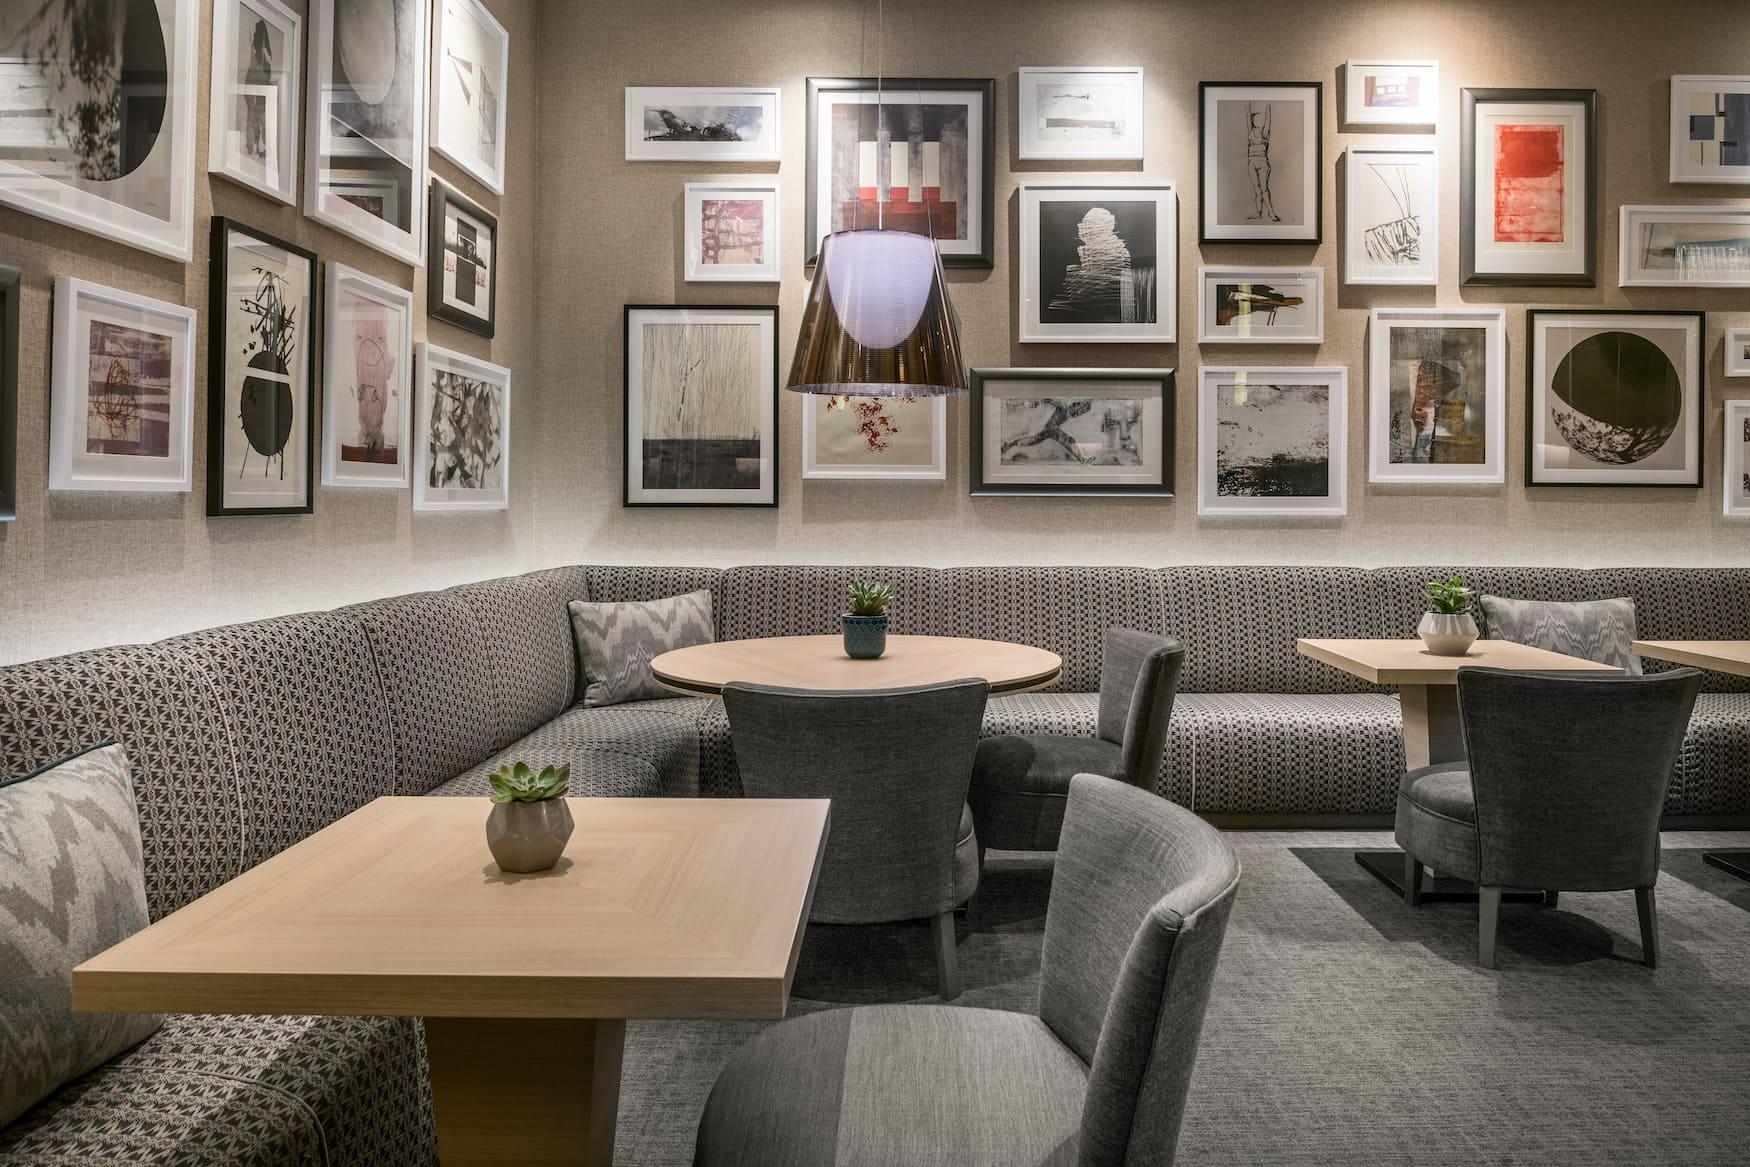 In der Lounge des AC Hotels Cuzco in Madrid hängen viele verschiedene Bilder